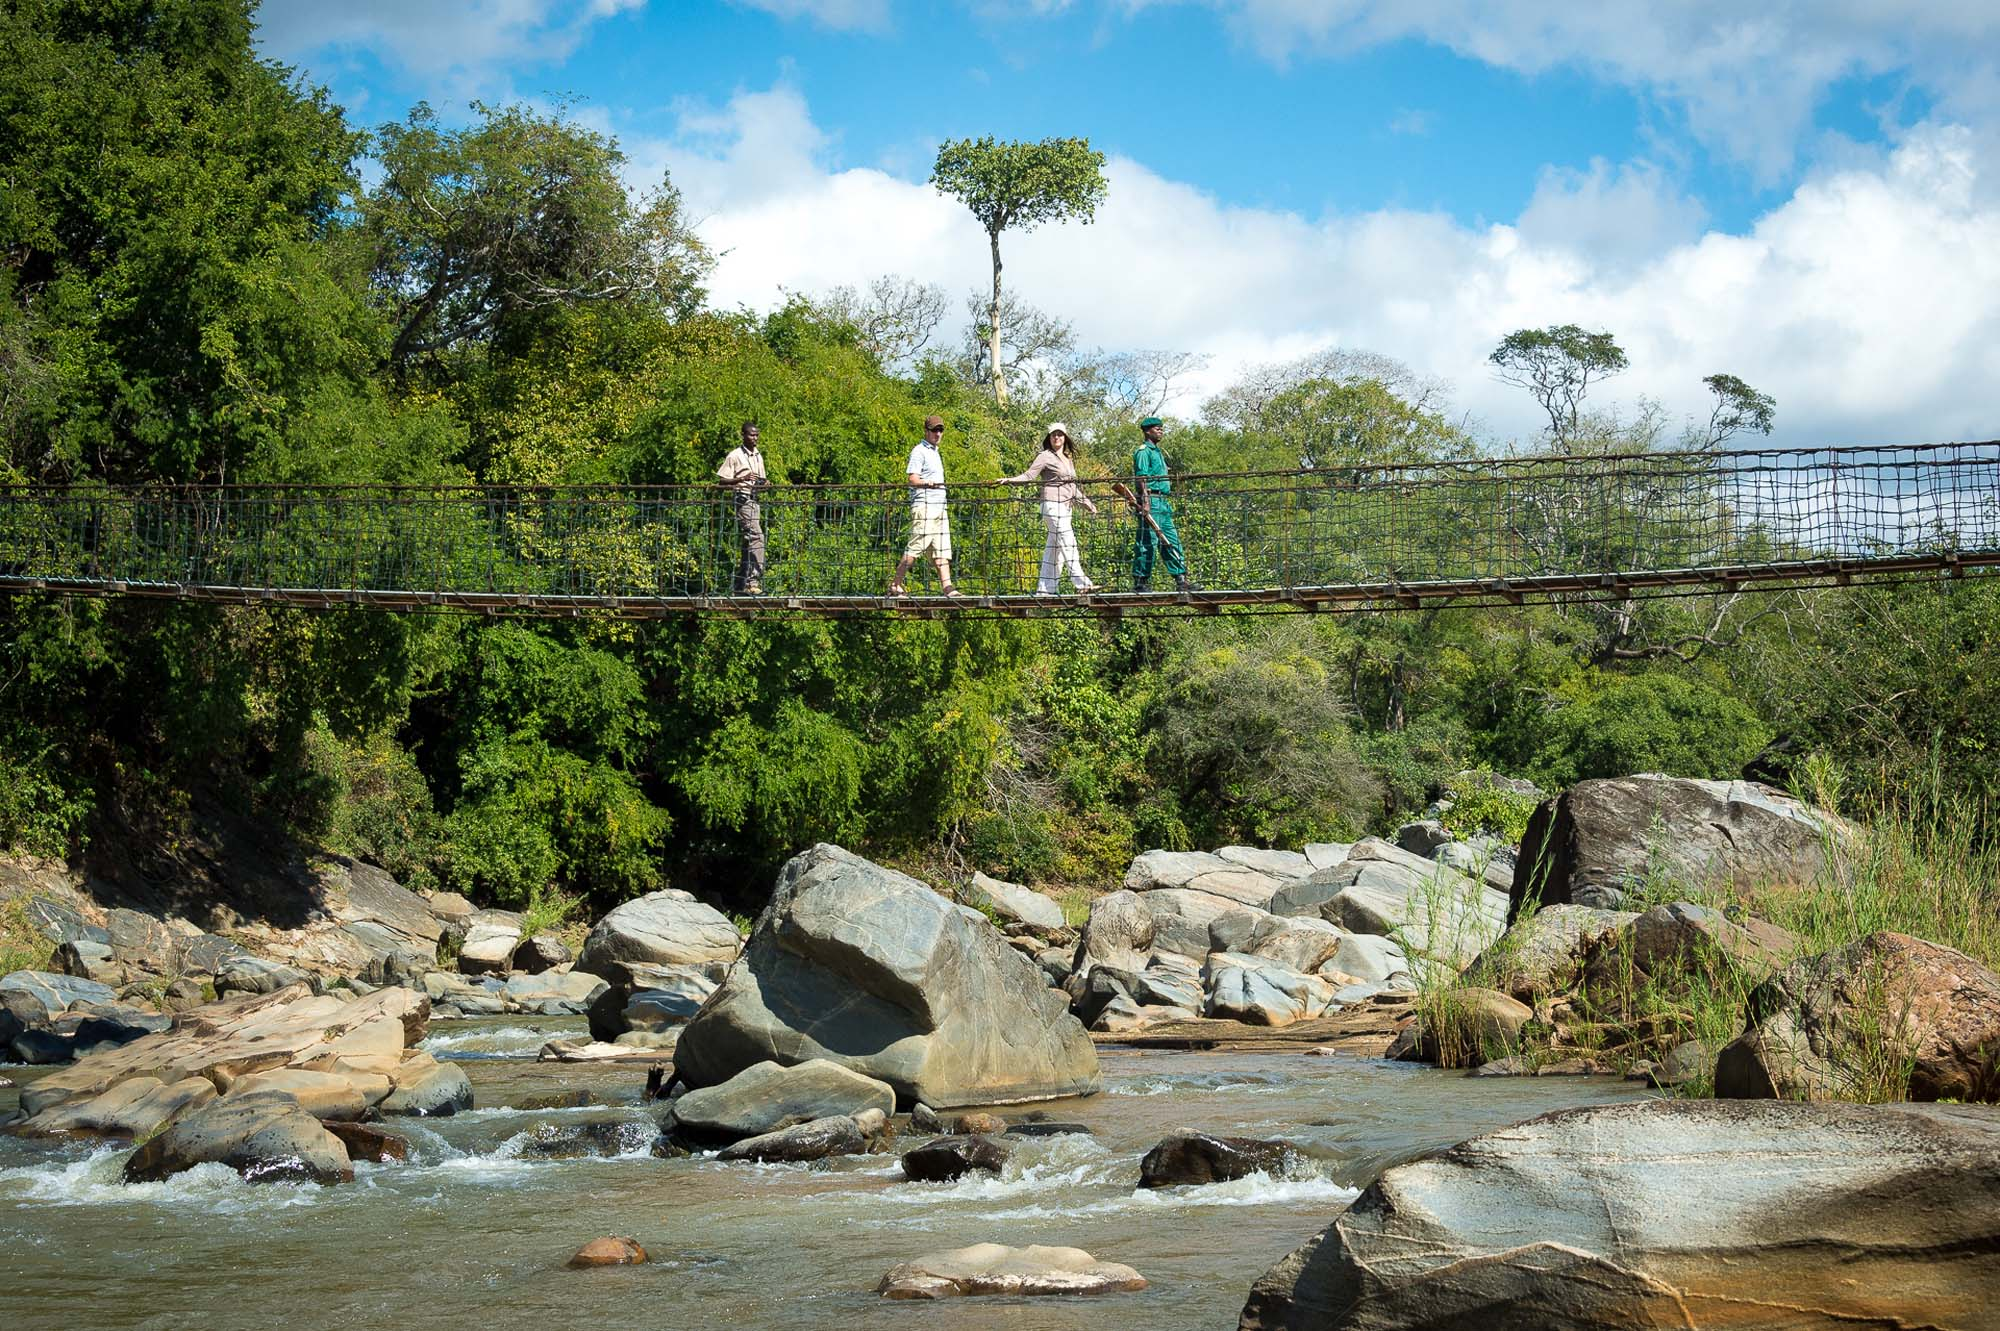 majete sky bridge msafiri travels